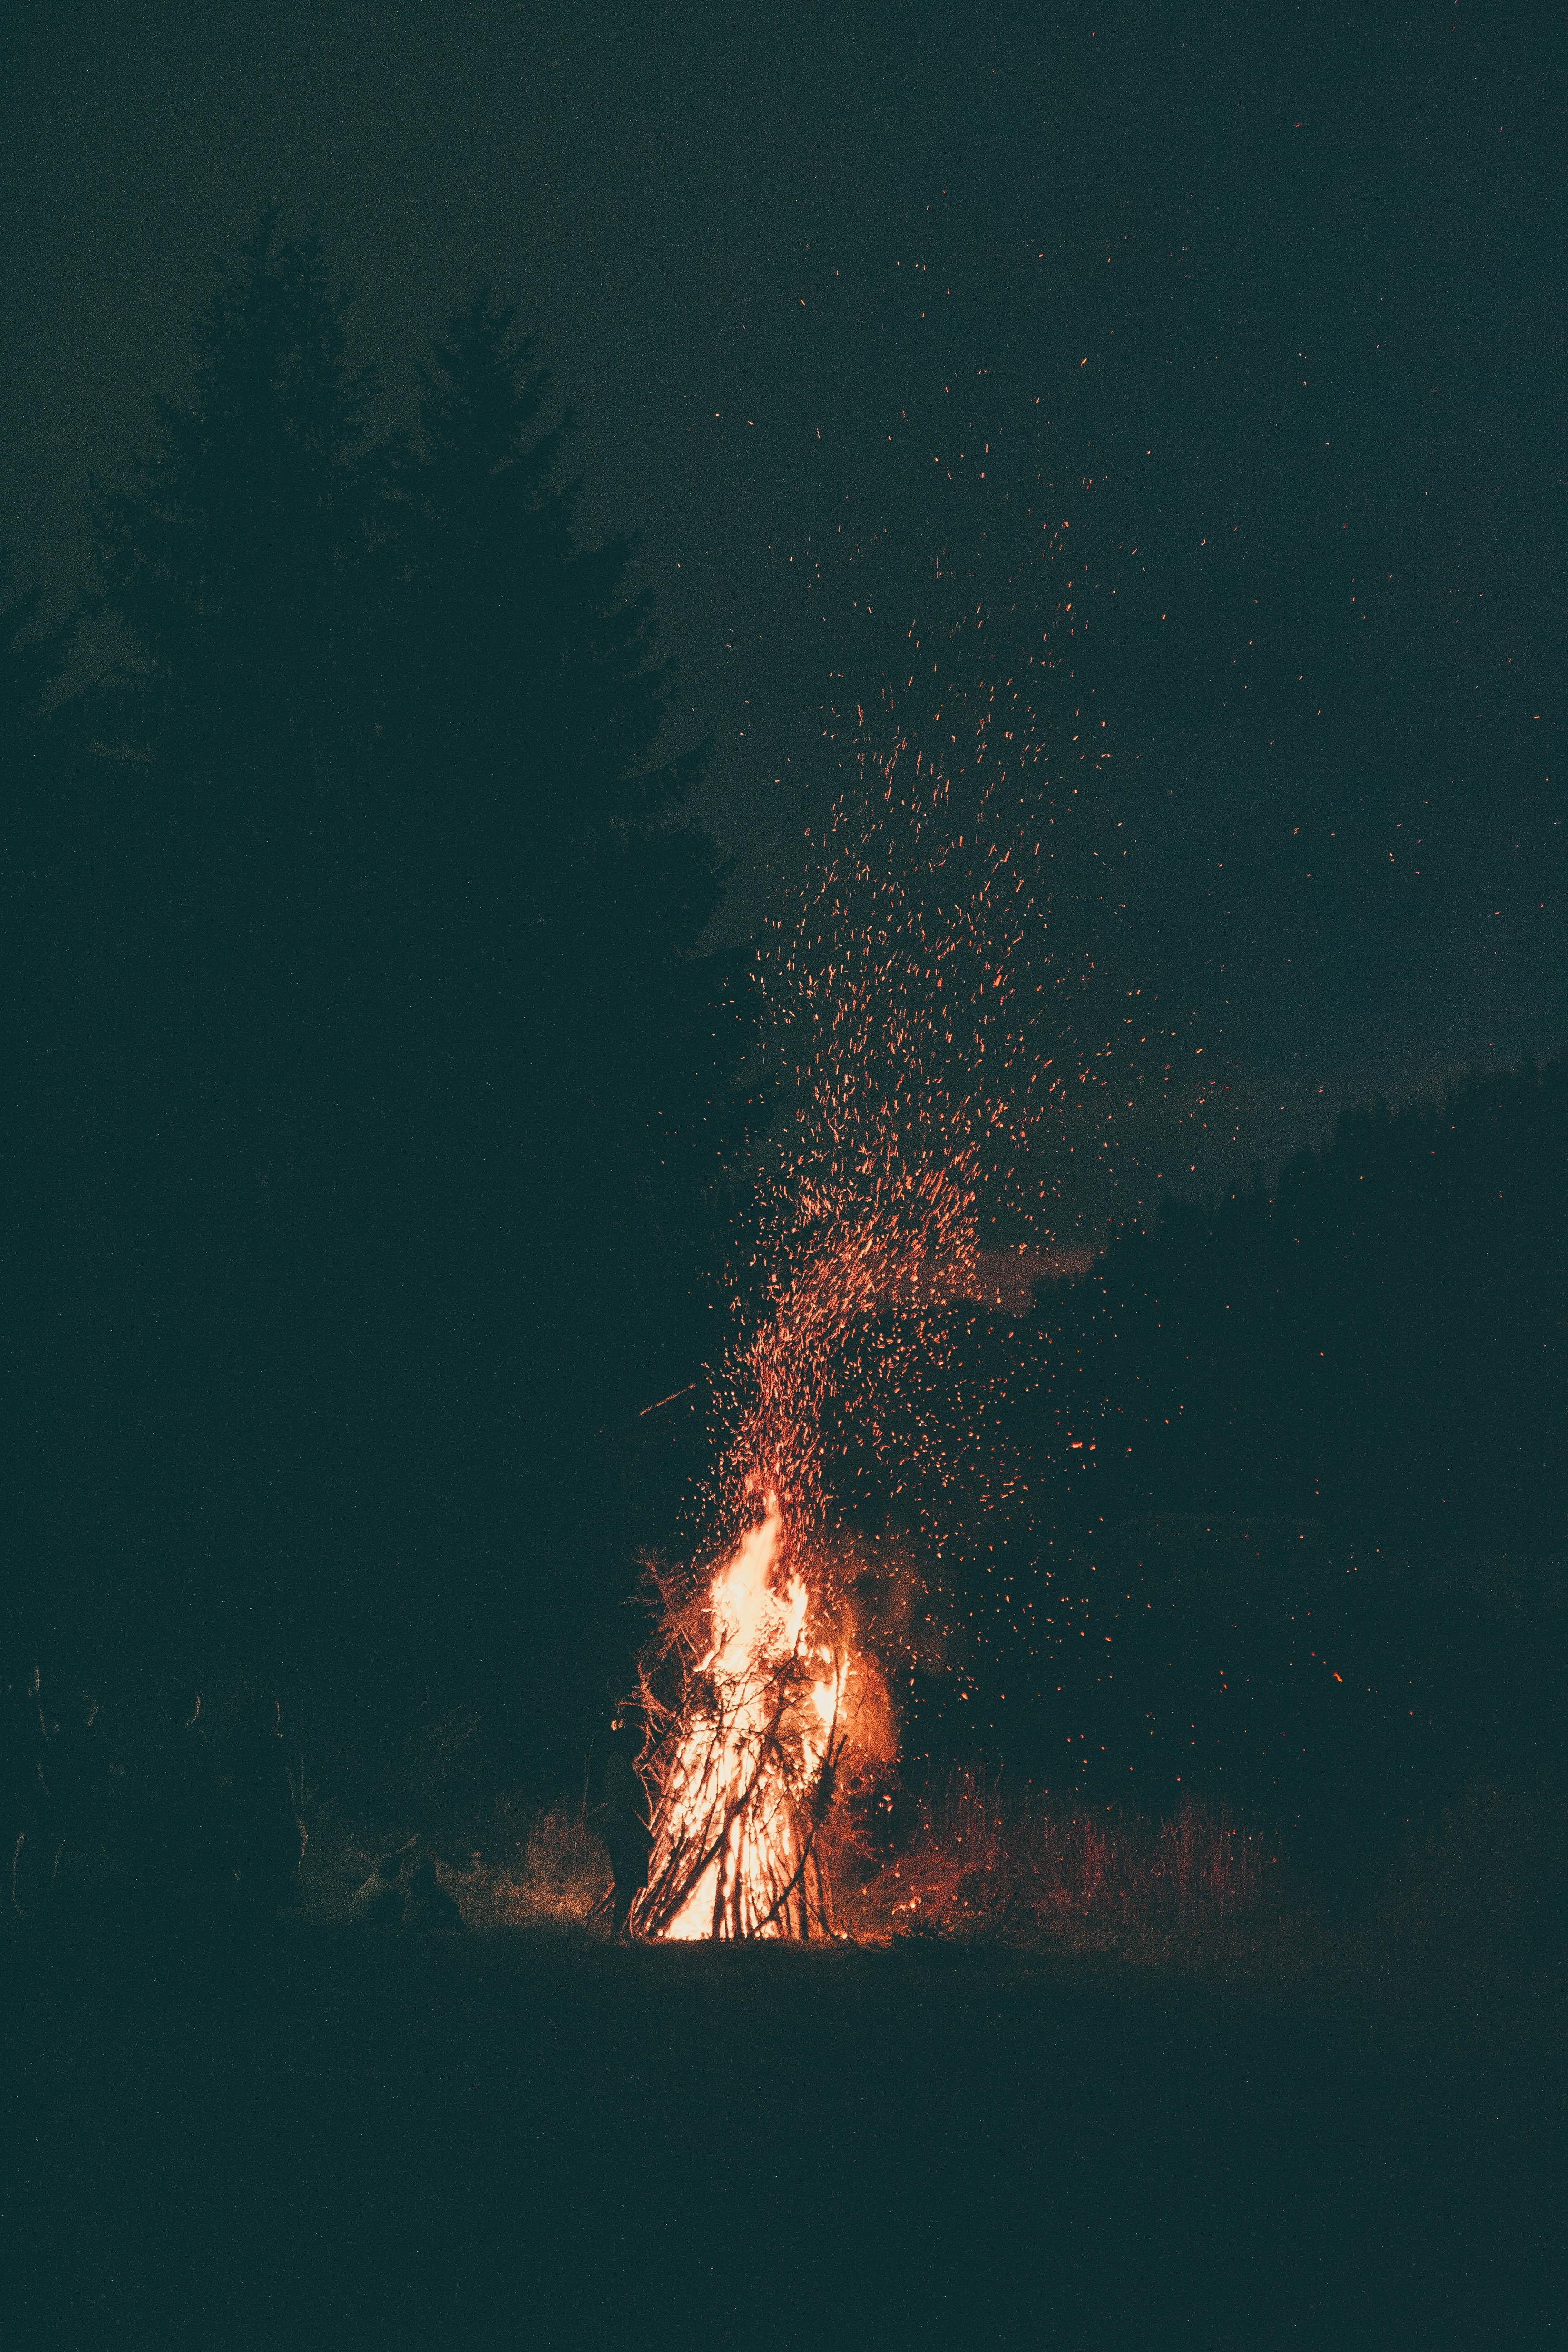 Background ngọn lửa đẹp